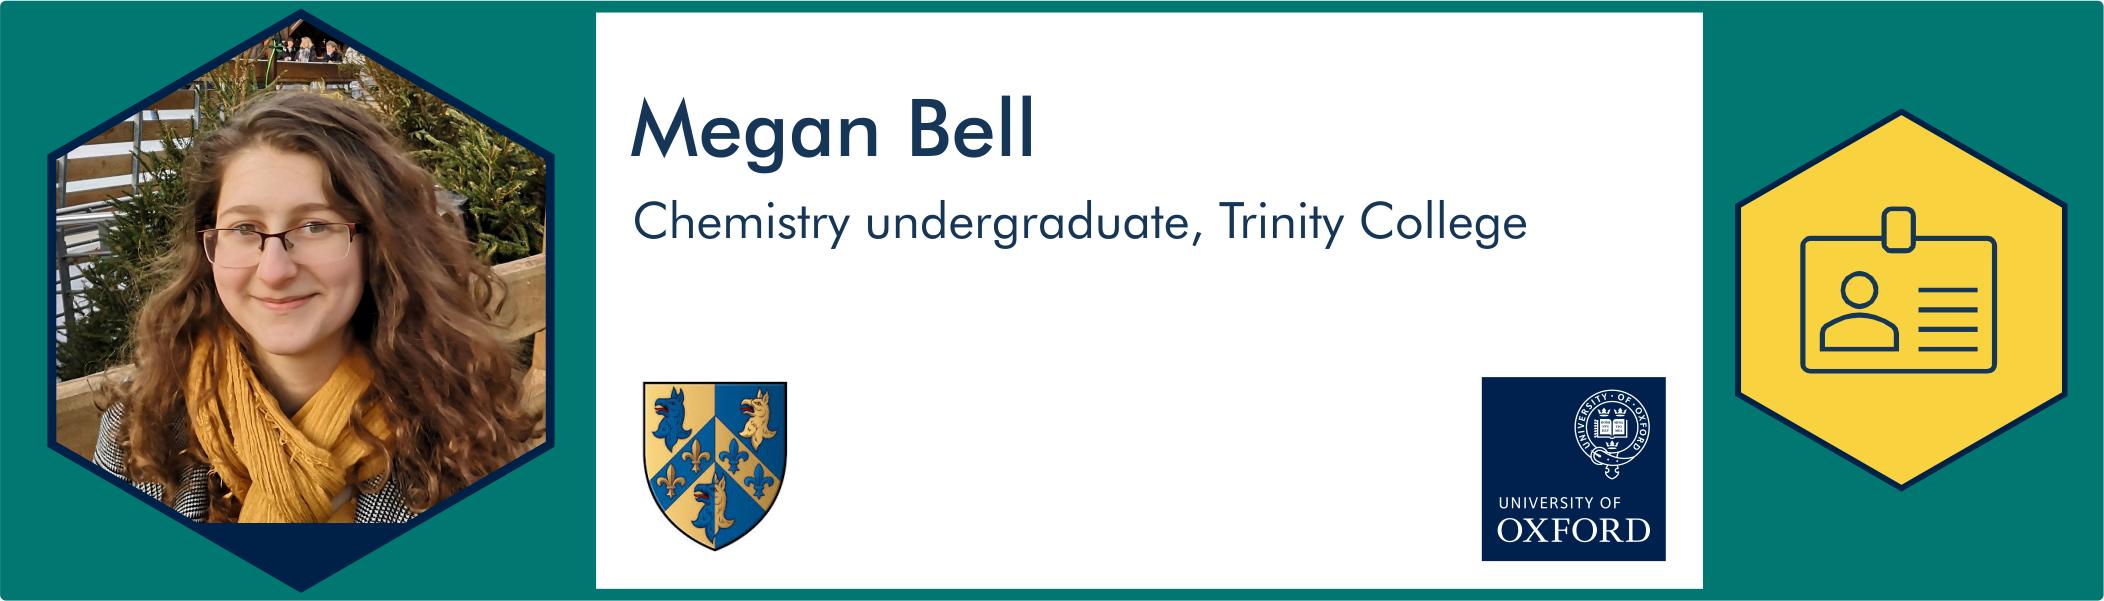 Megan Bell further information